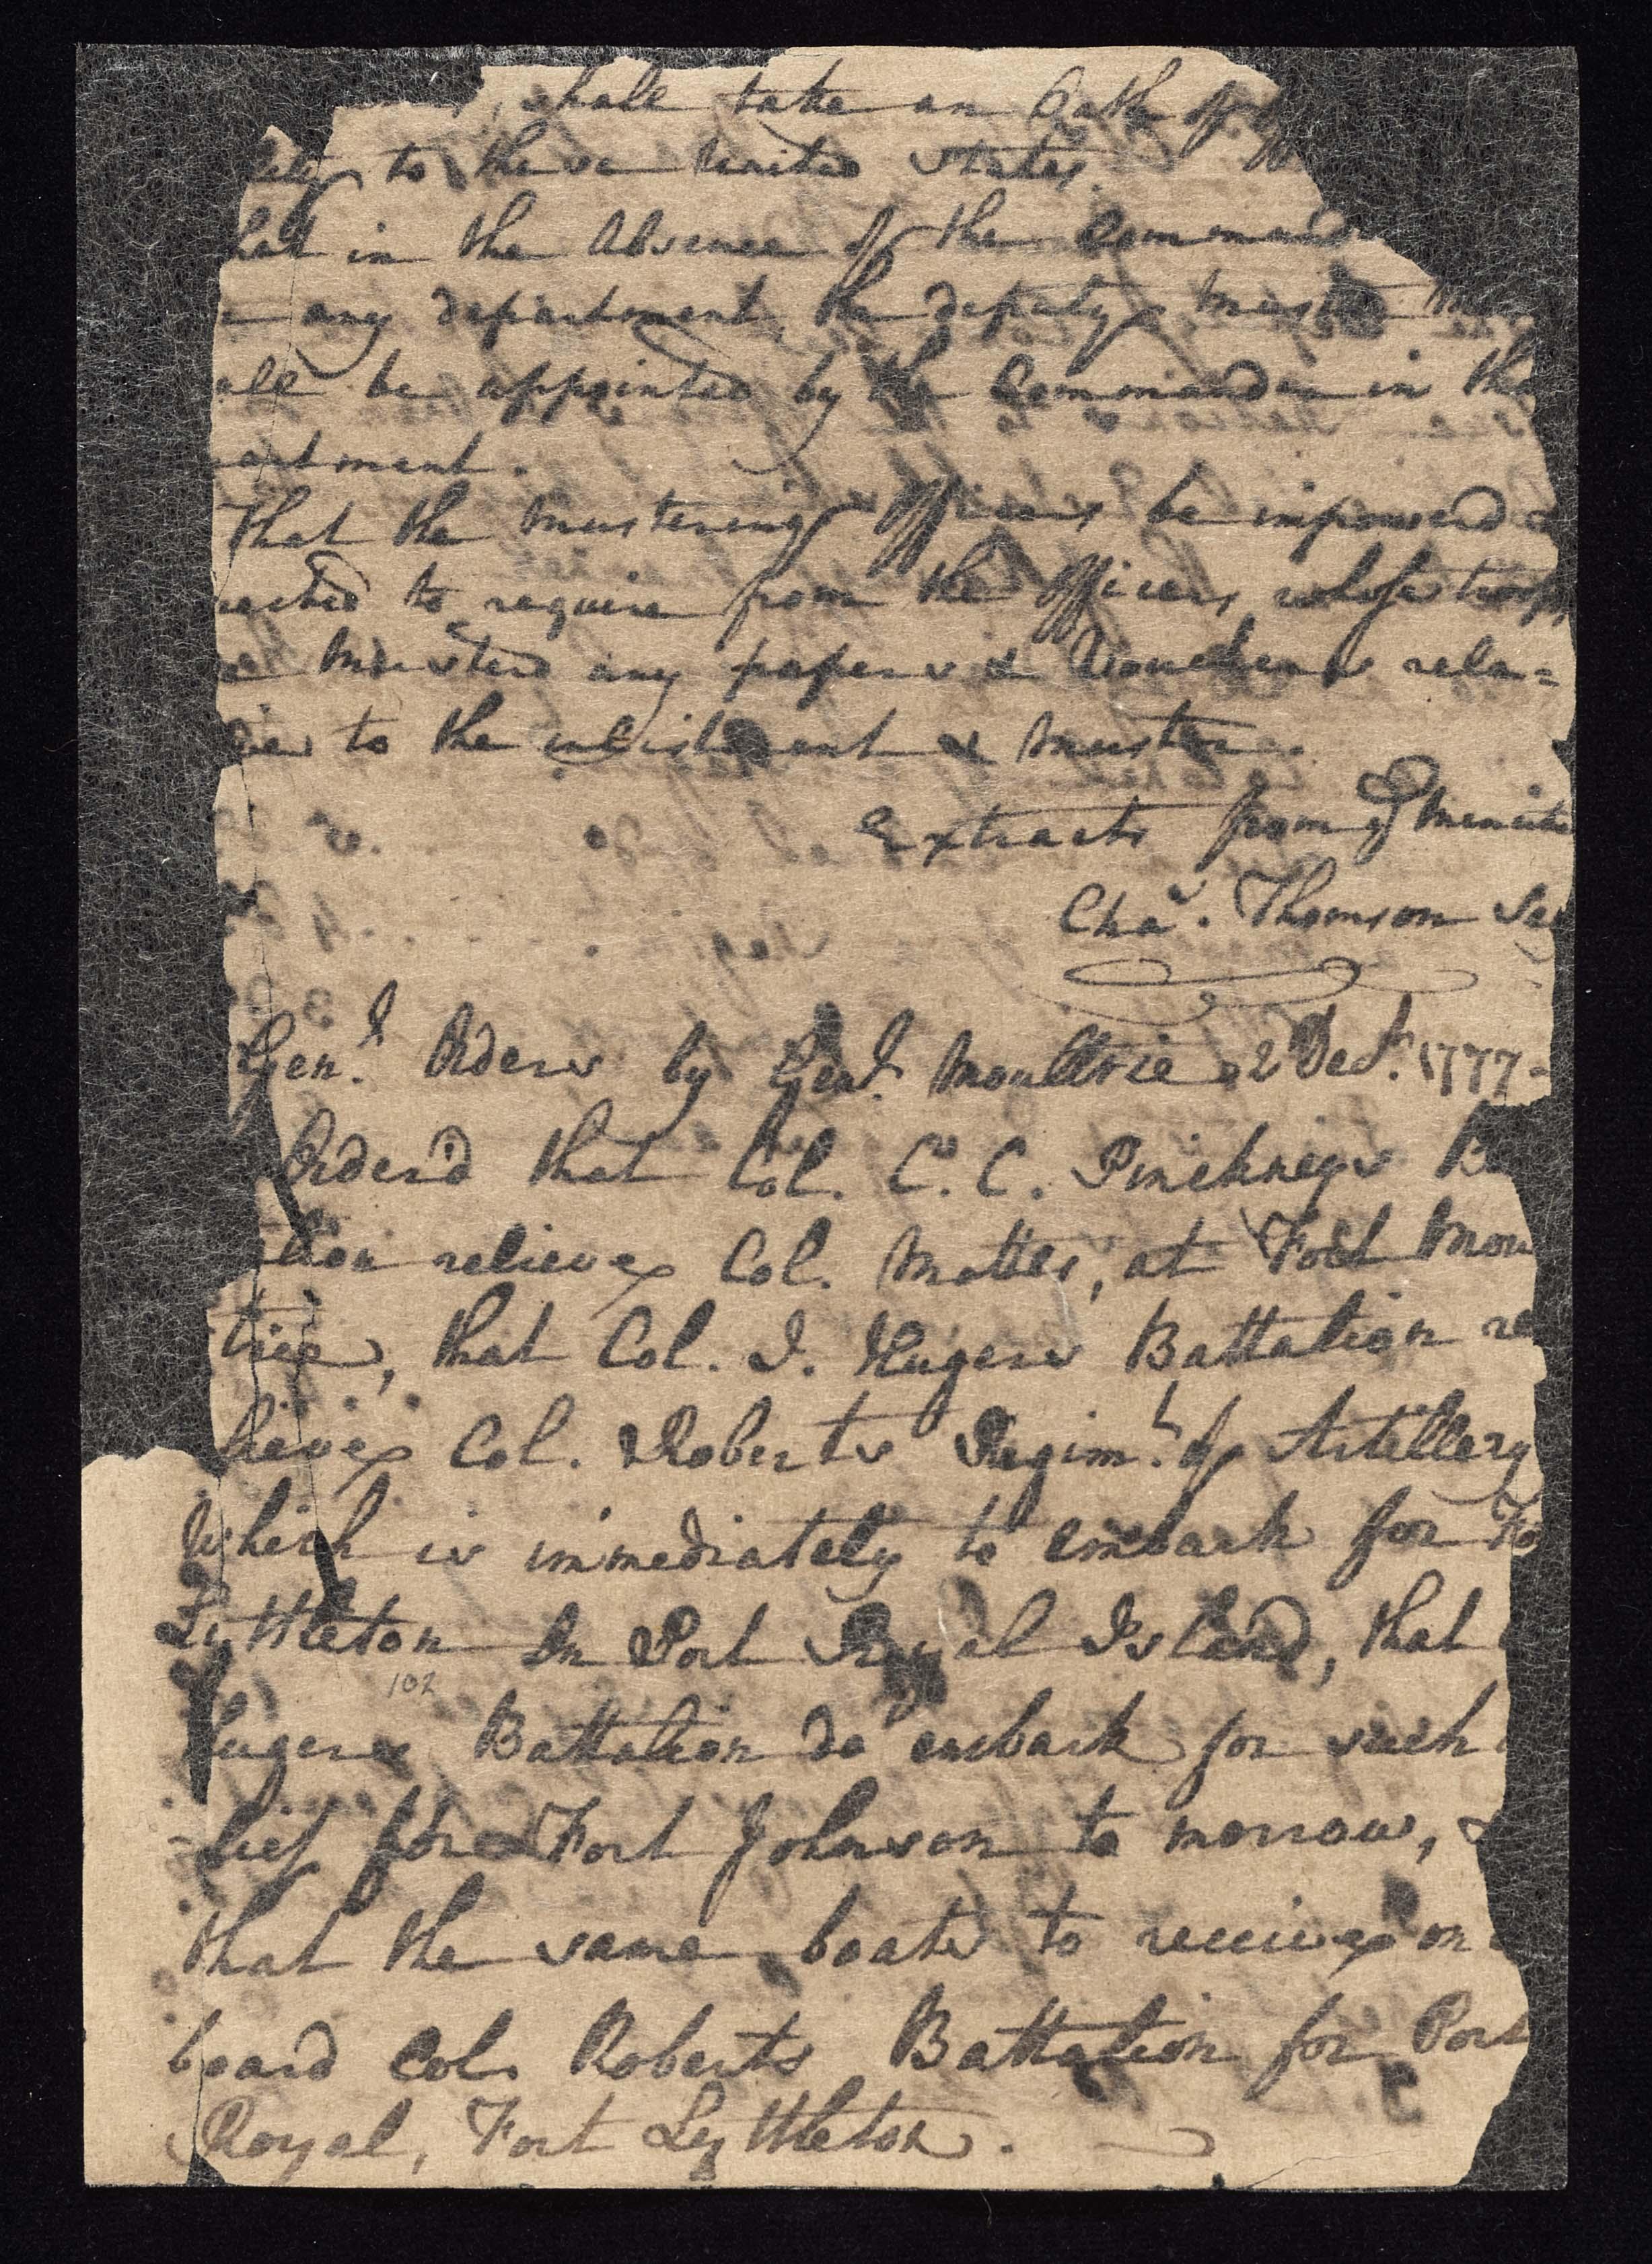 South Carolina Regiment Order Book, Page 203